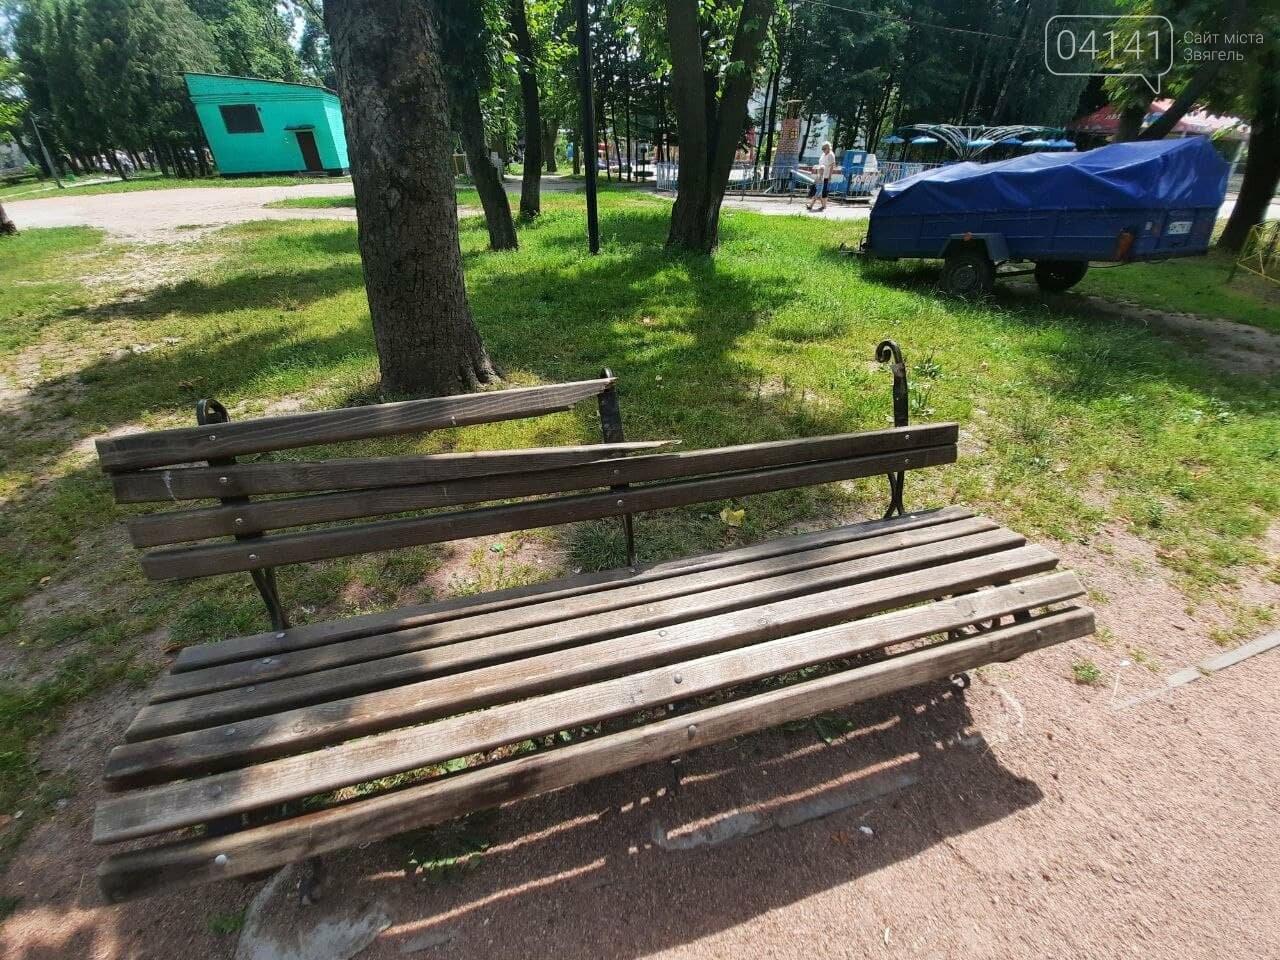 Краще навіть у Чорнобилі: Парк культури та відпочинку в Новограді-Волинському (ФОТО), фото-2